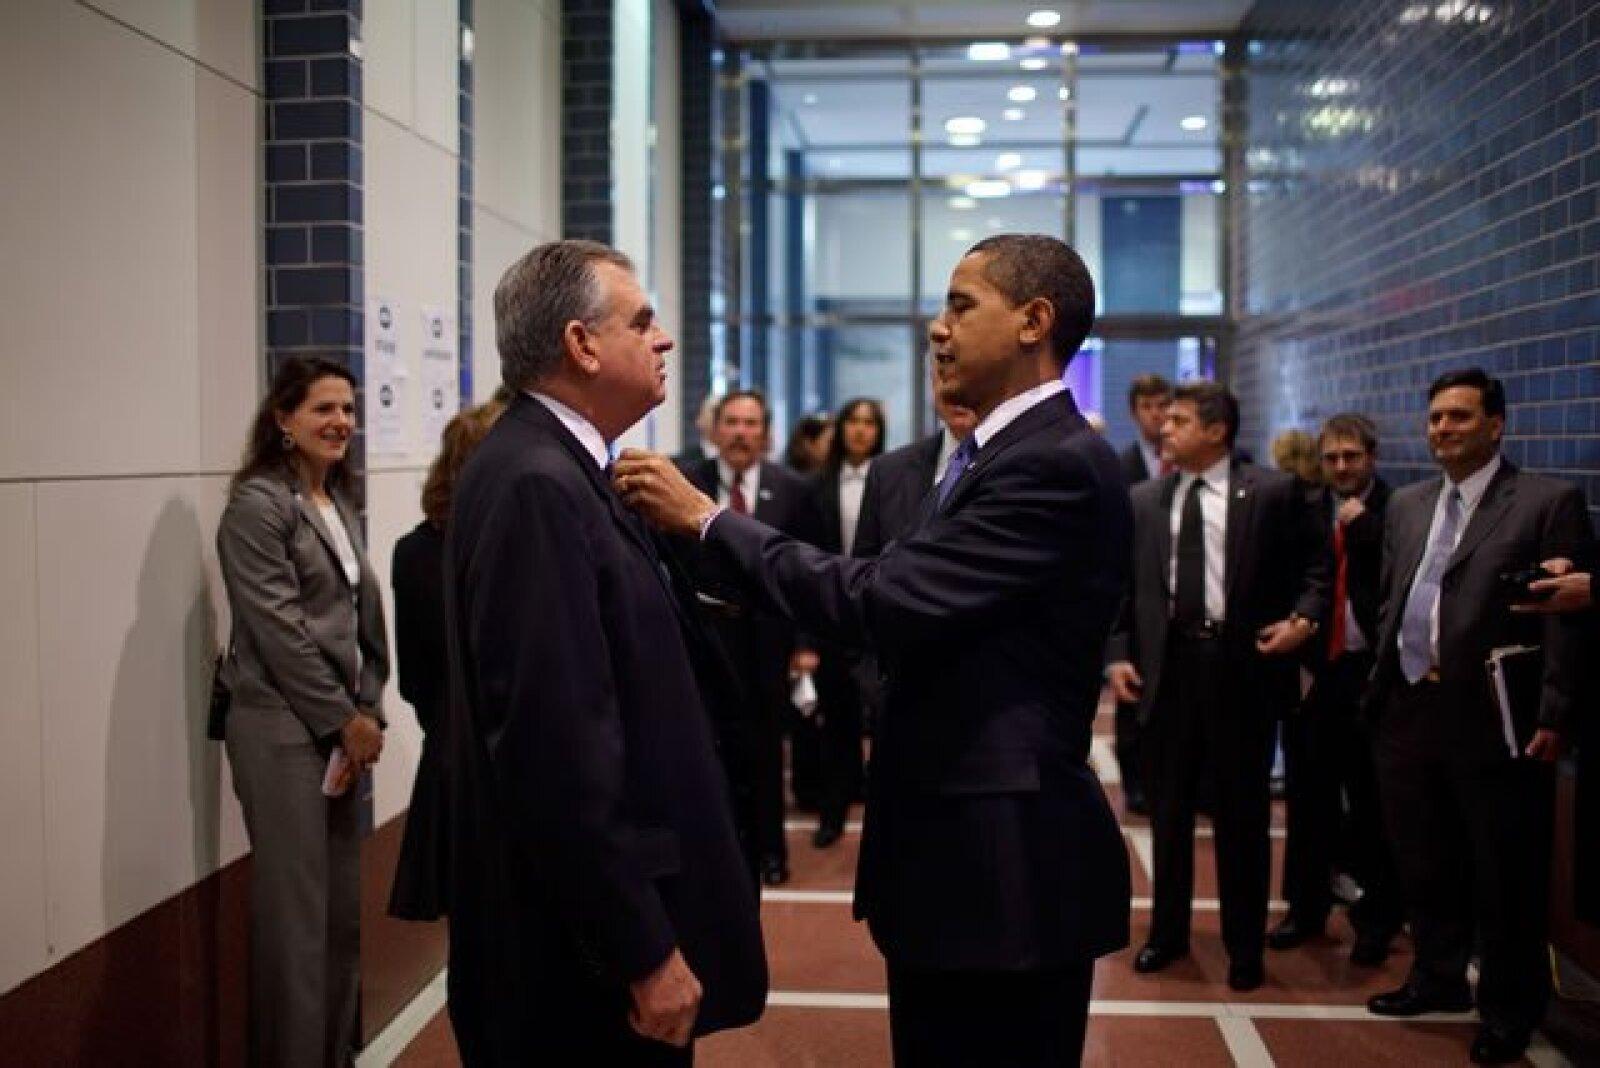 Obama le arregla la corbata al secretario Ray LaHood mientras se preparan para dar un anuncio en el Departamento de Transporte, en Washington, D.C.